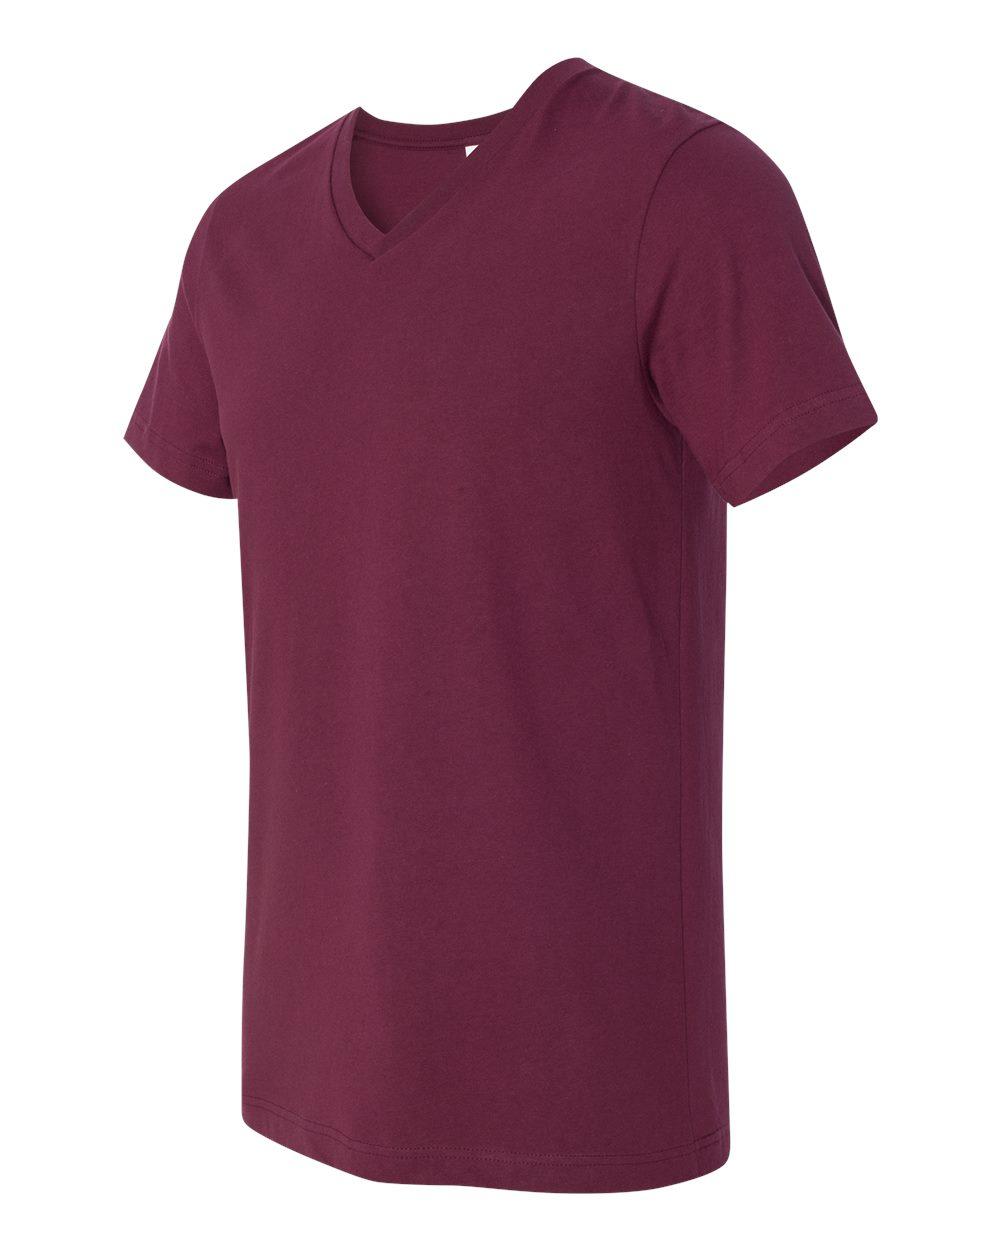 Bella-Canvas-Men-039-s-Jersey-Short-Sleeve-V-Neck-T-Shirt-3005-XS-3XL thumbnail 88